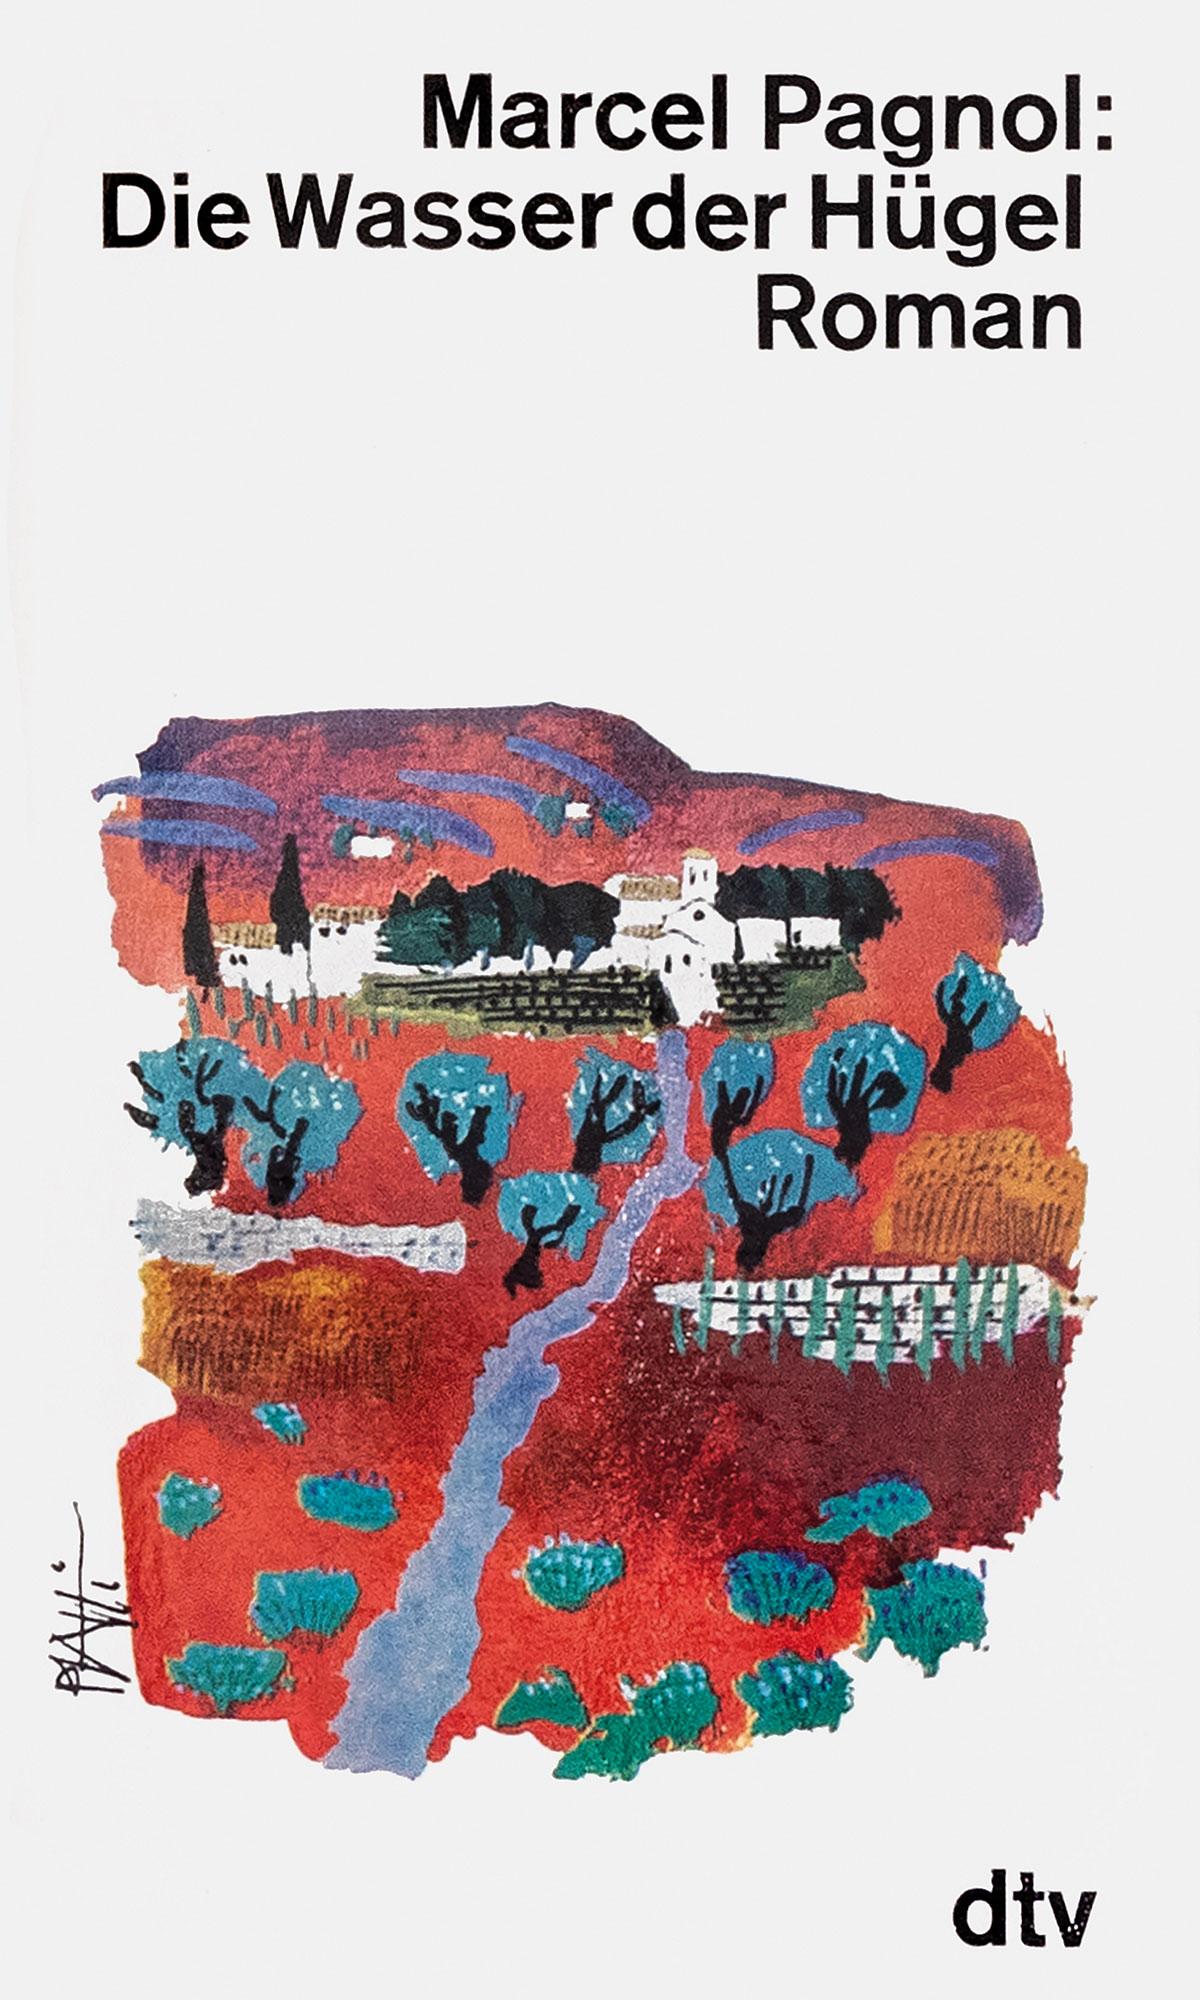 dtv-Umschlag, 1968